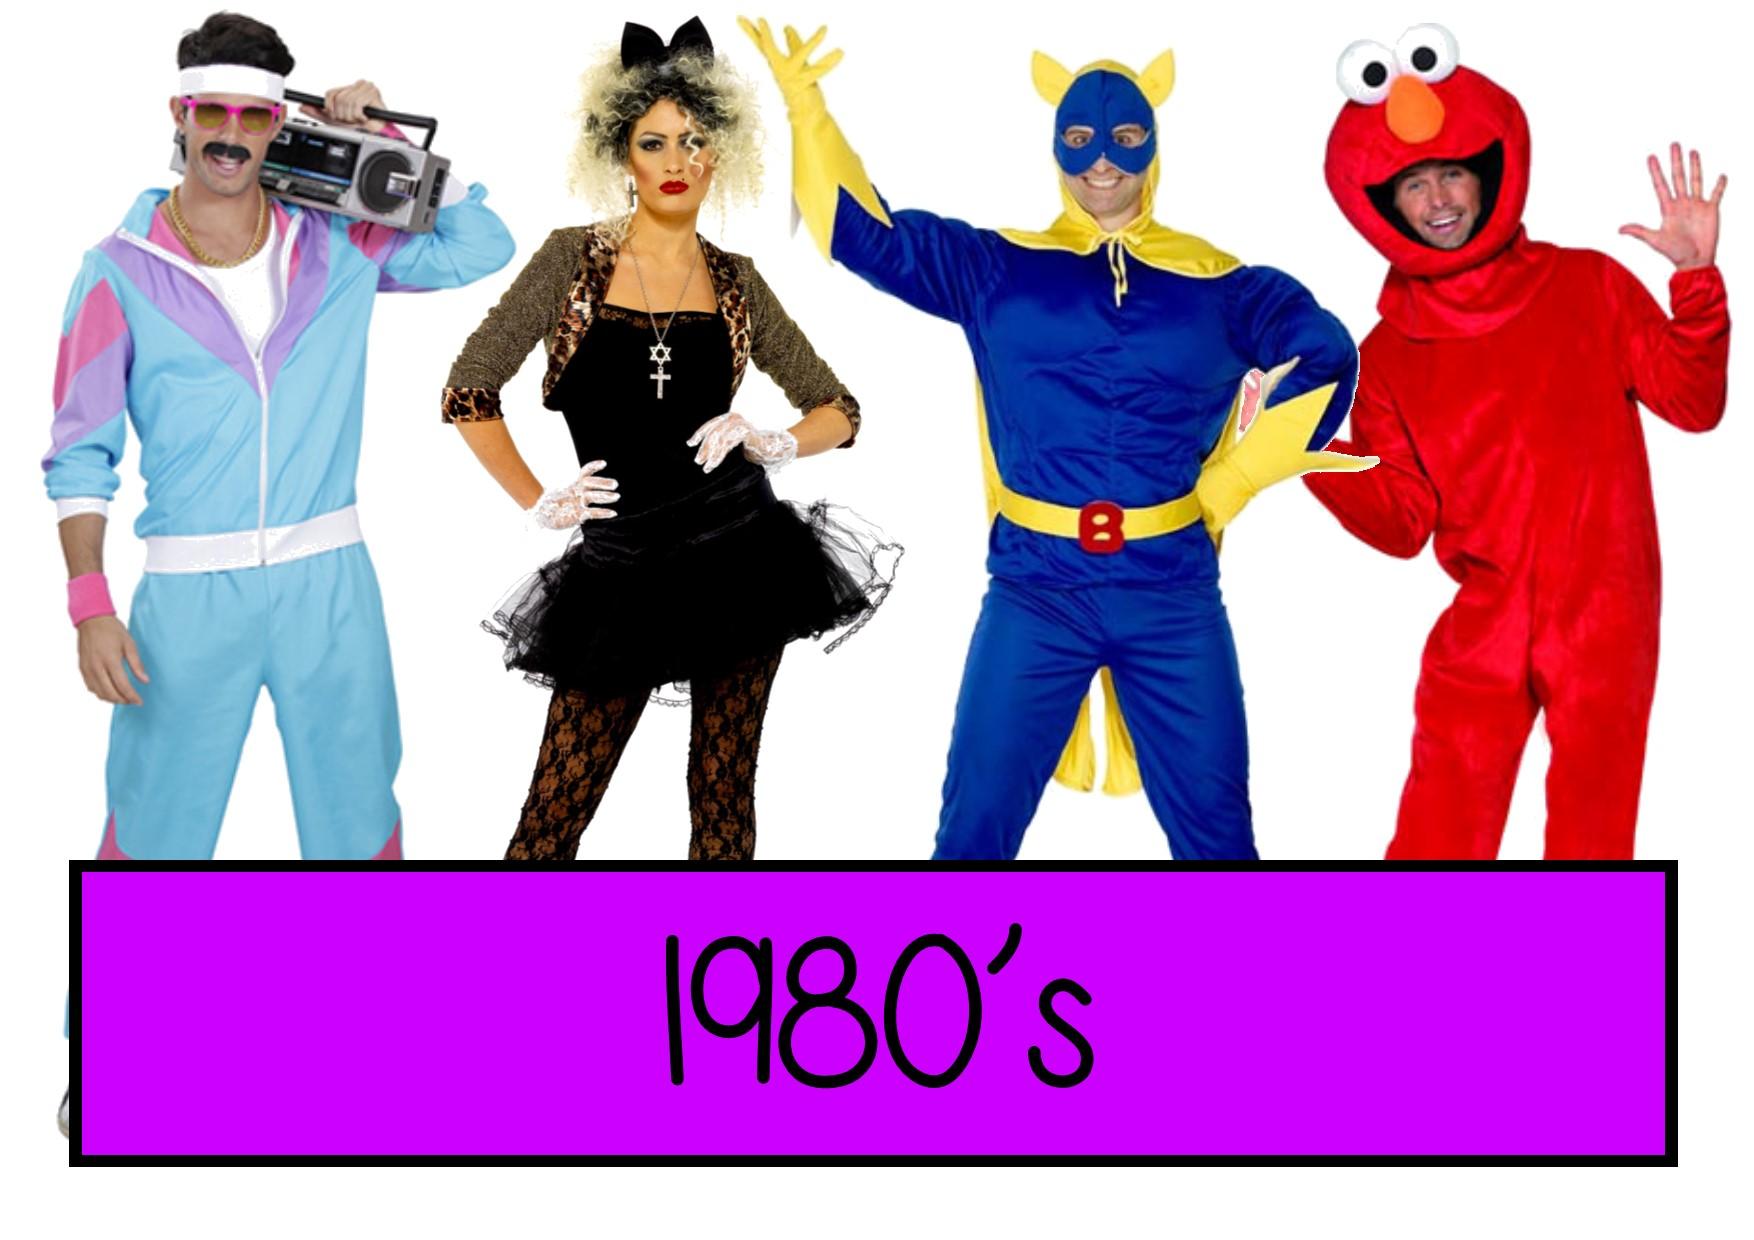 1980s fancy dress ideas